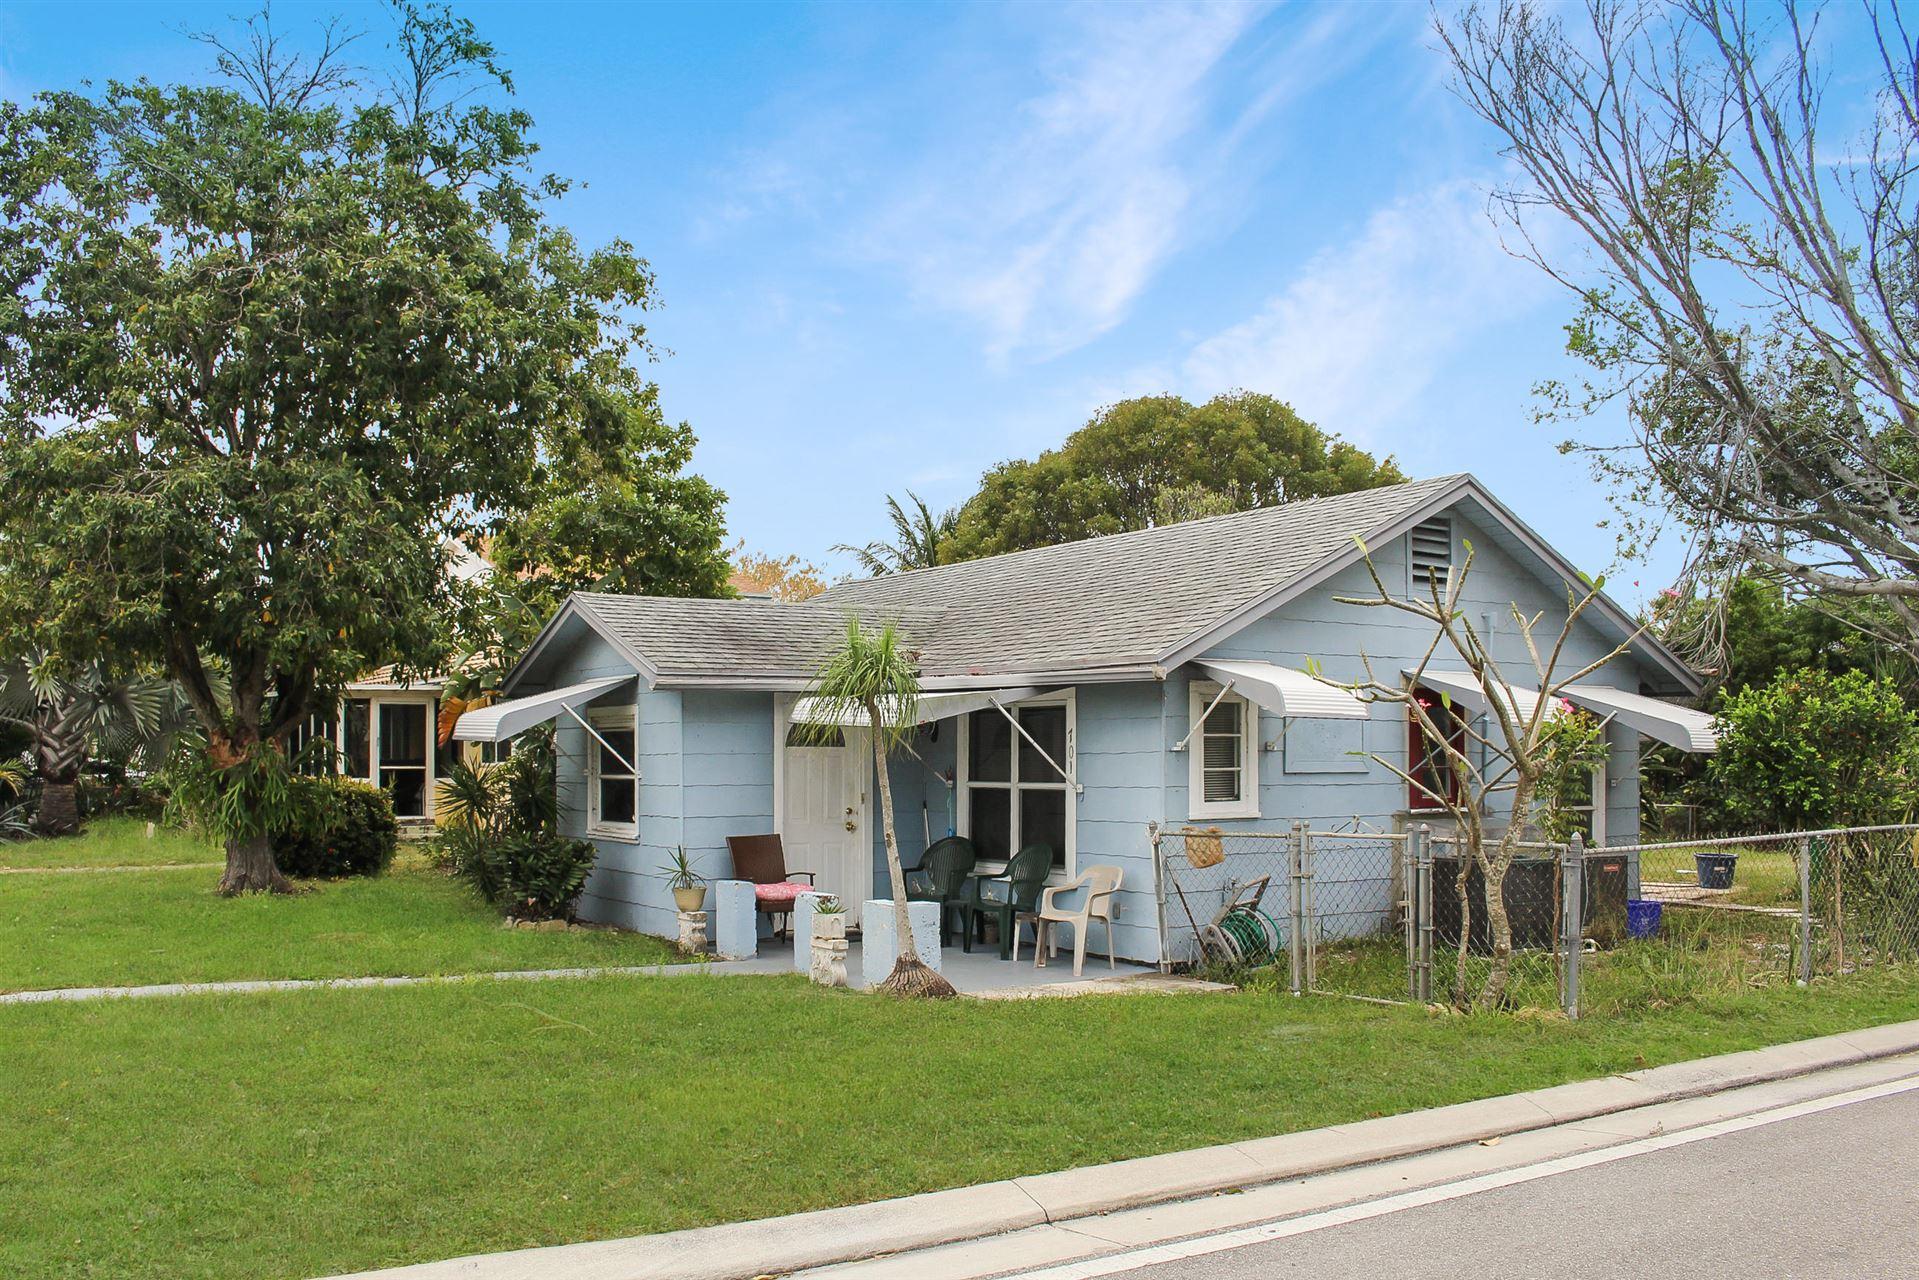 701 S B Street, Lake Worth, FL 33460 - #: RX-10608874